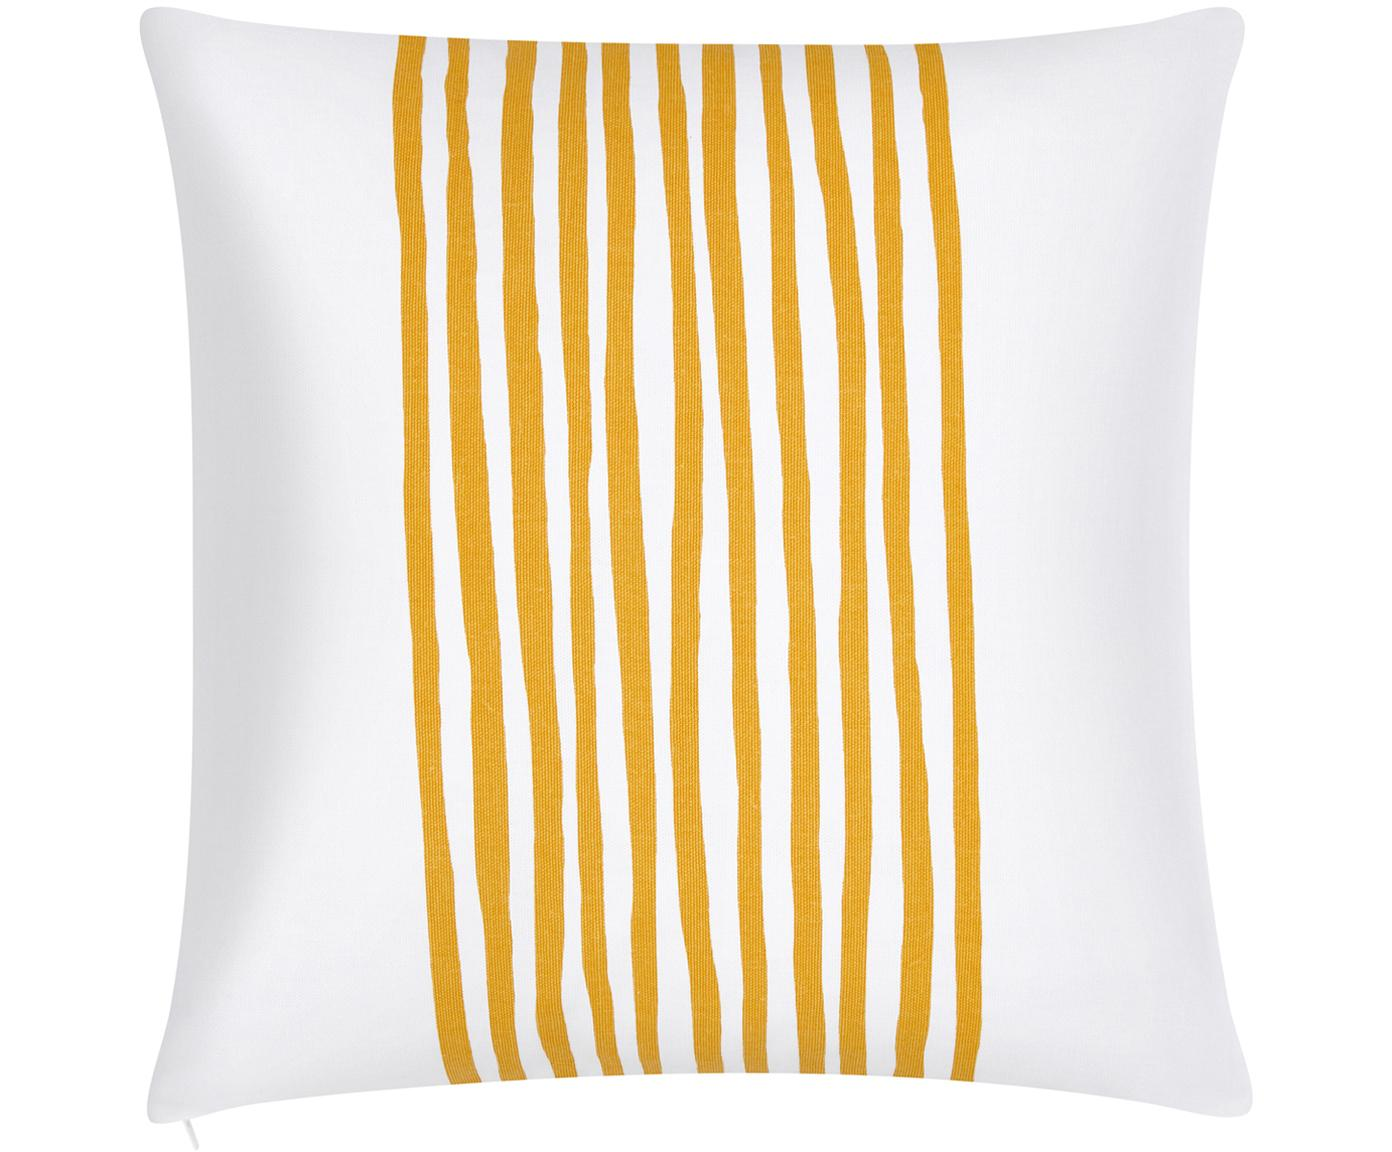 Kissenhülle Corey mit Streifen in Gelb/Weiss, 100% Baumwolle, Gelb-Orange, Weiss, 40 x 40 cm